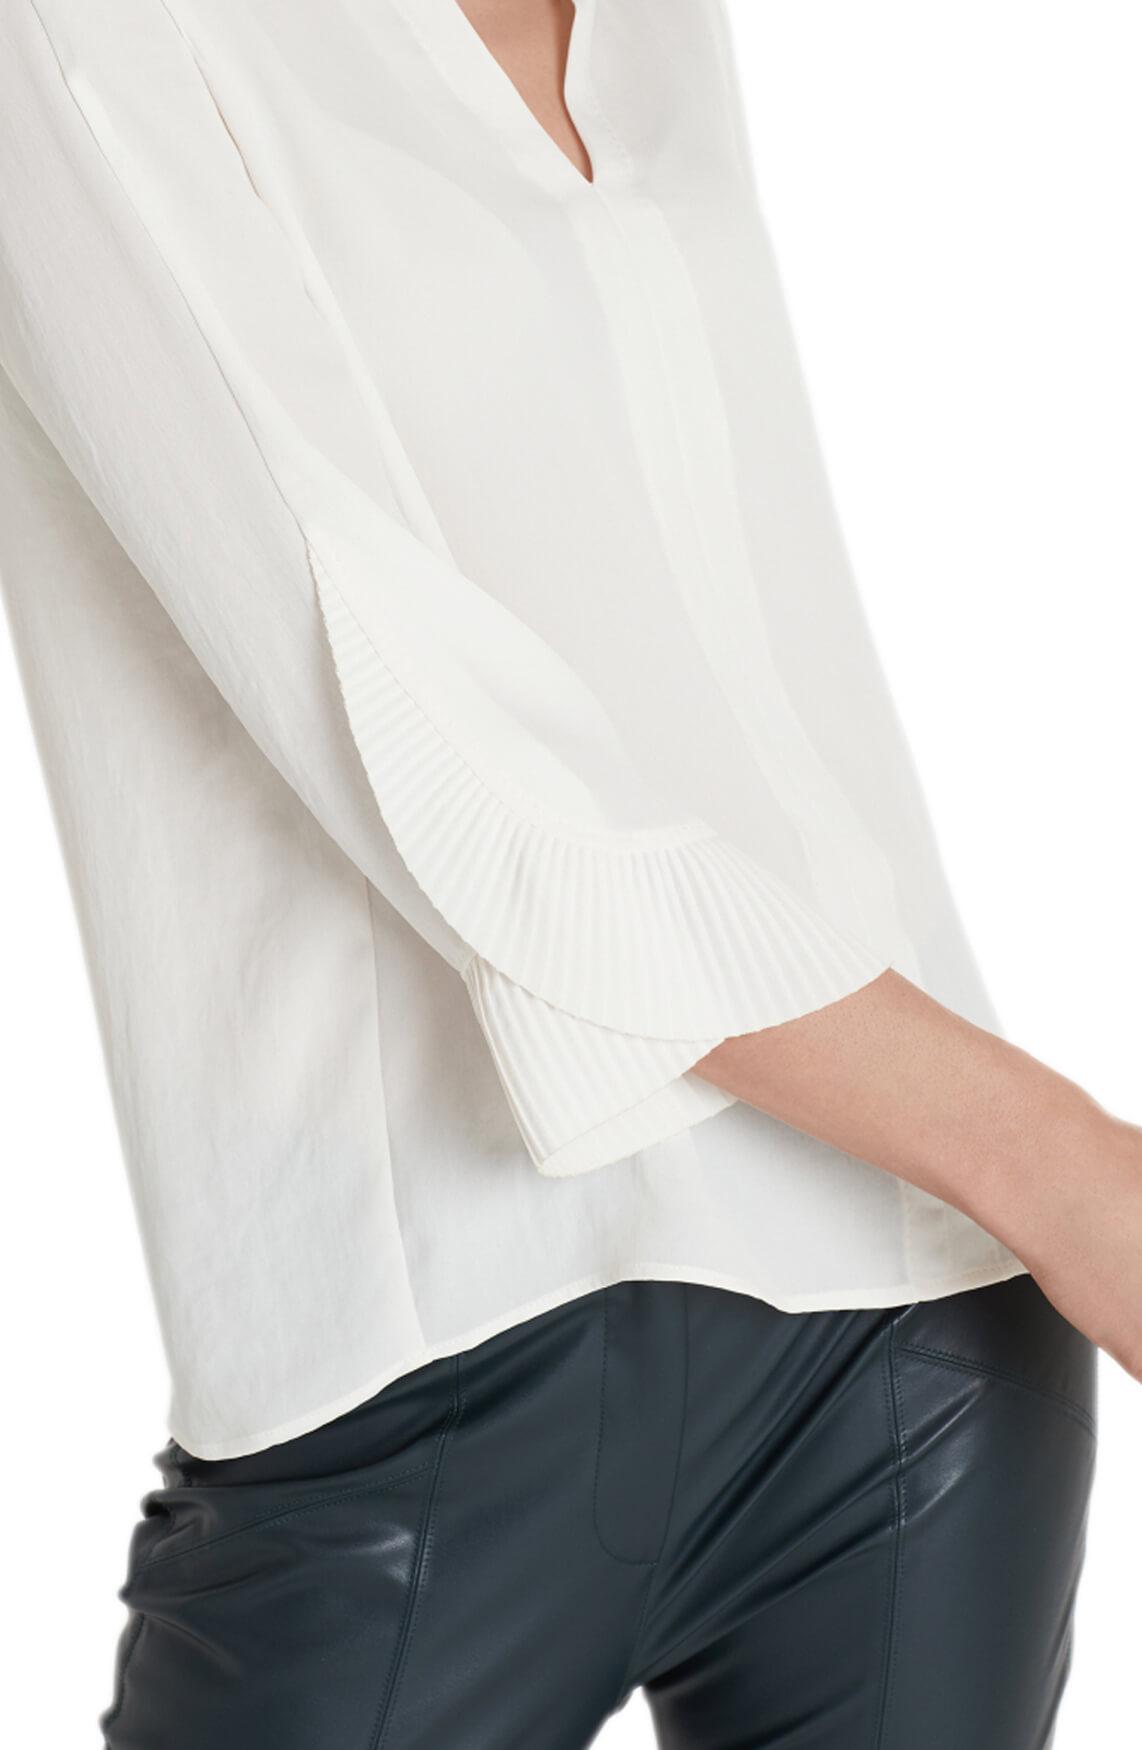 Marccain Dames Blouse met plissé plooien wit